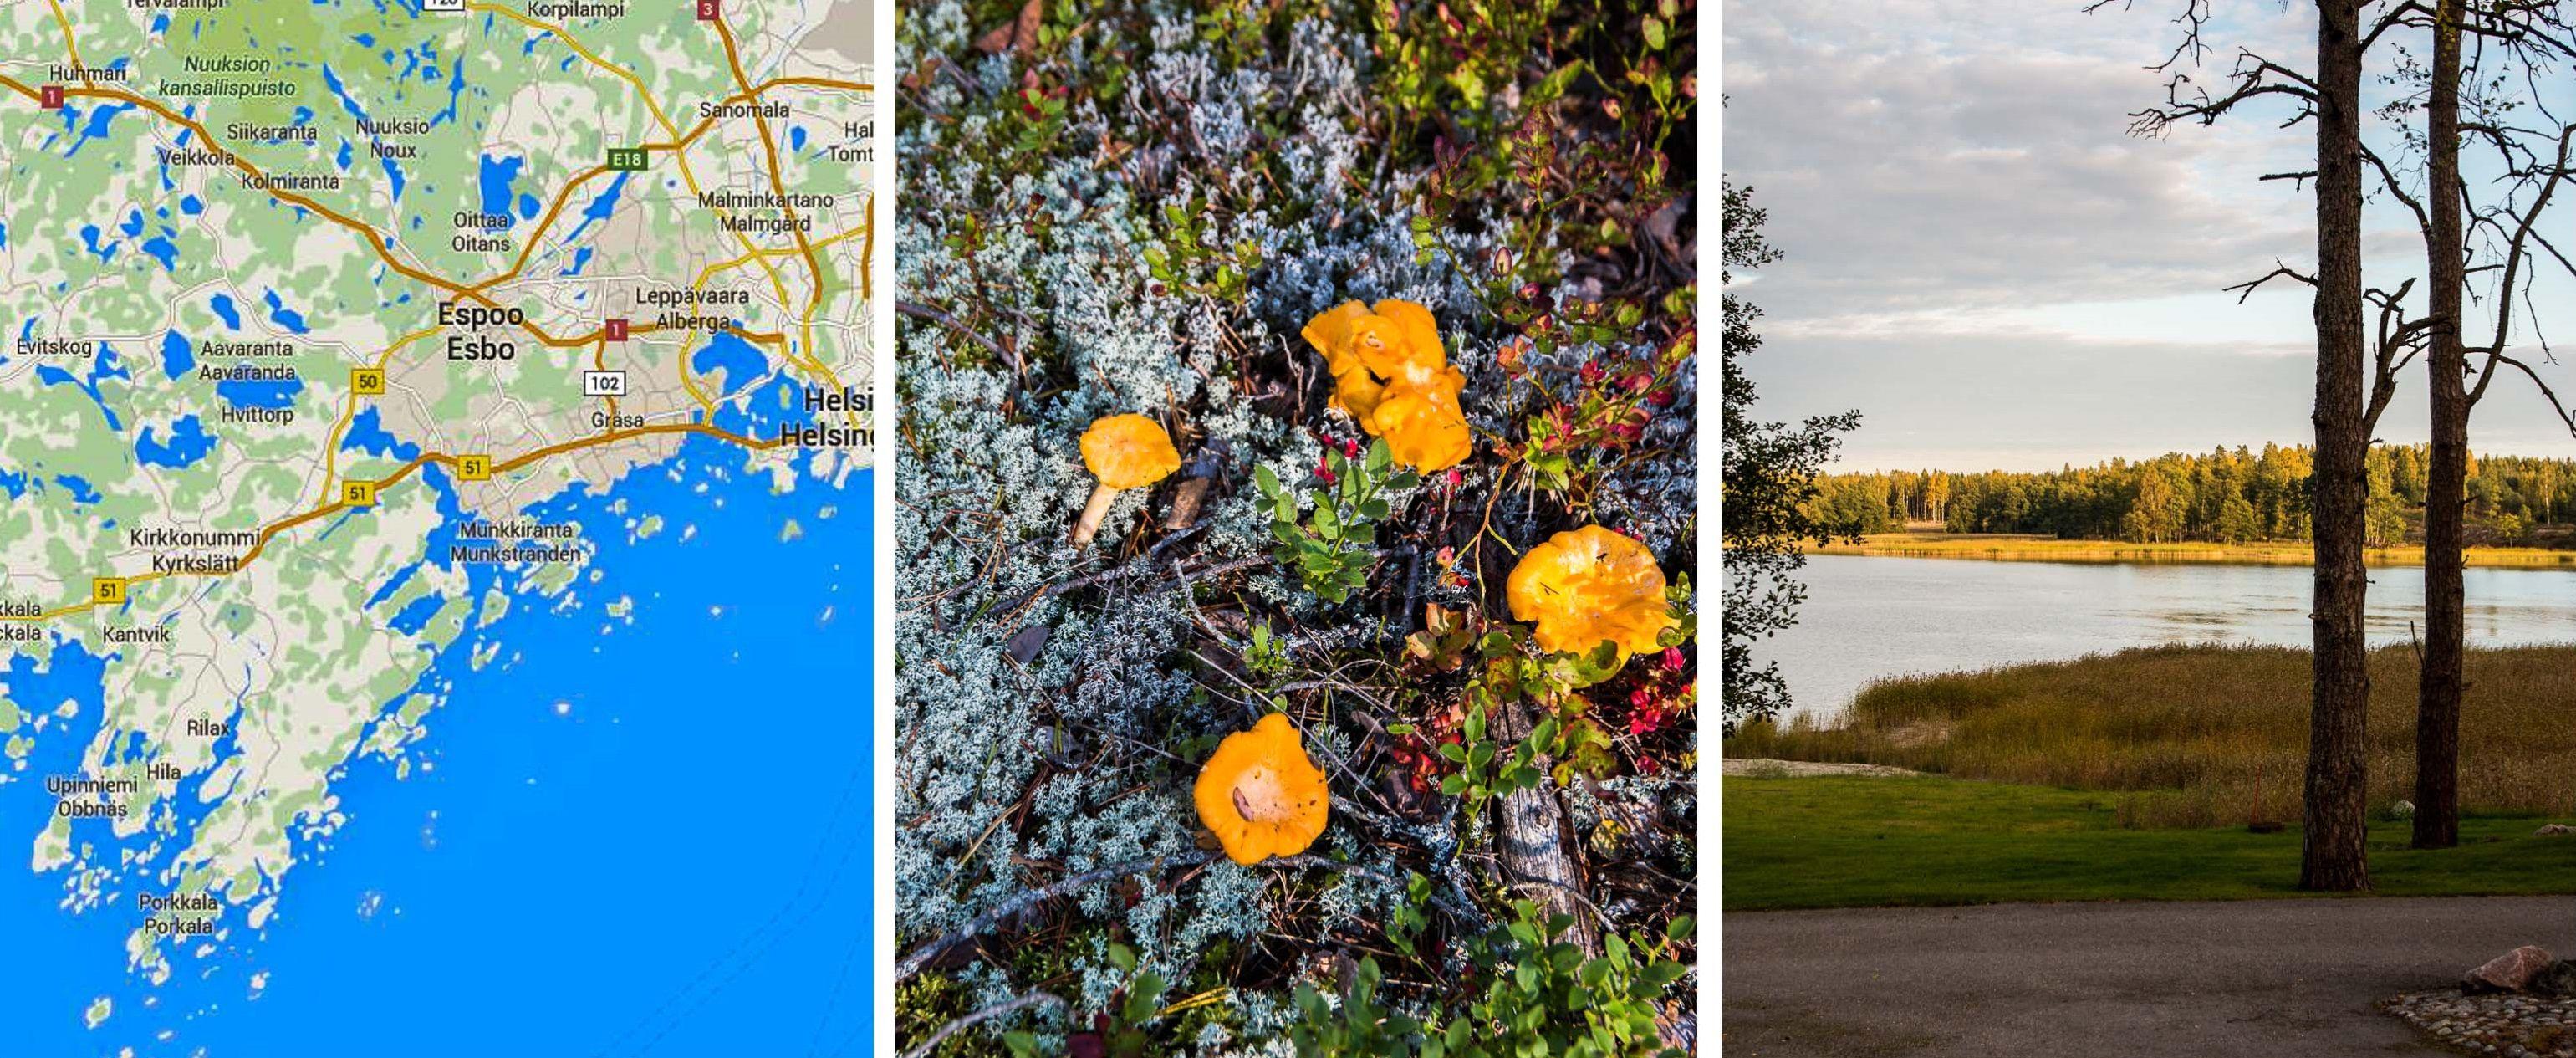 Suomi kulinaarinen – Finnland kulinarisch (Teil 1) | Dinner um Acht